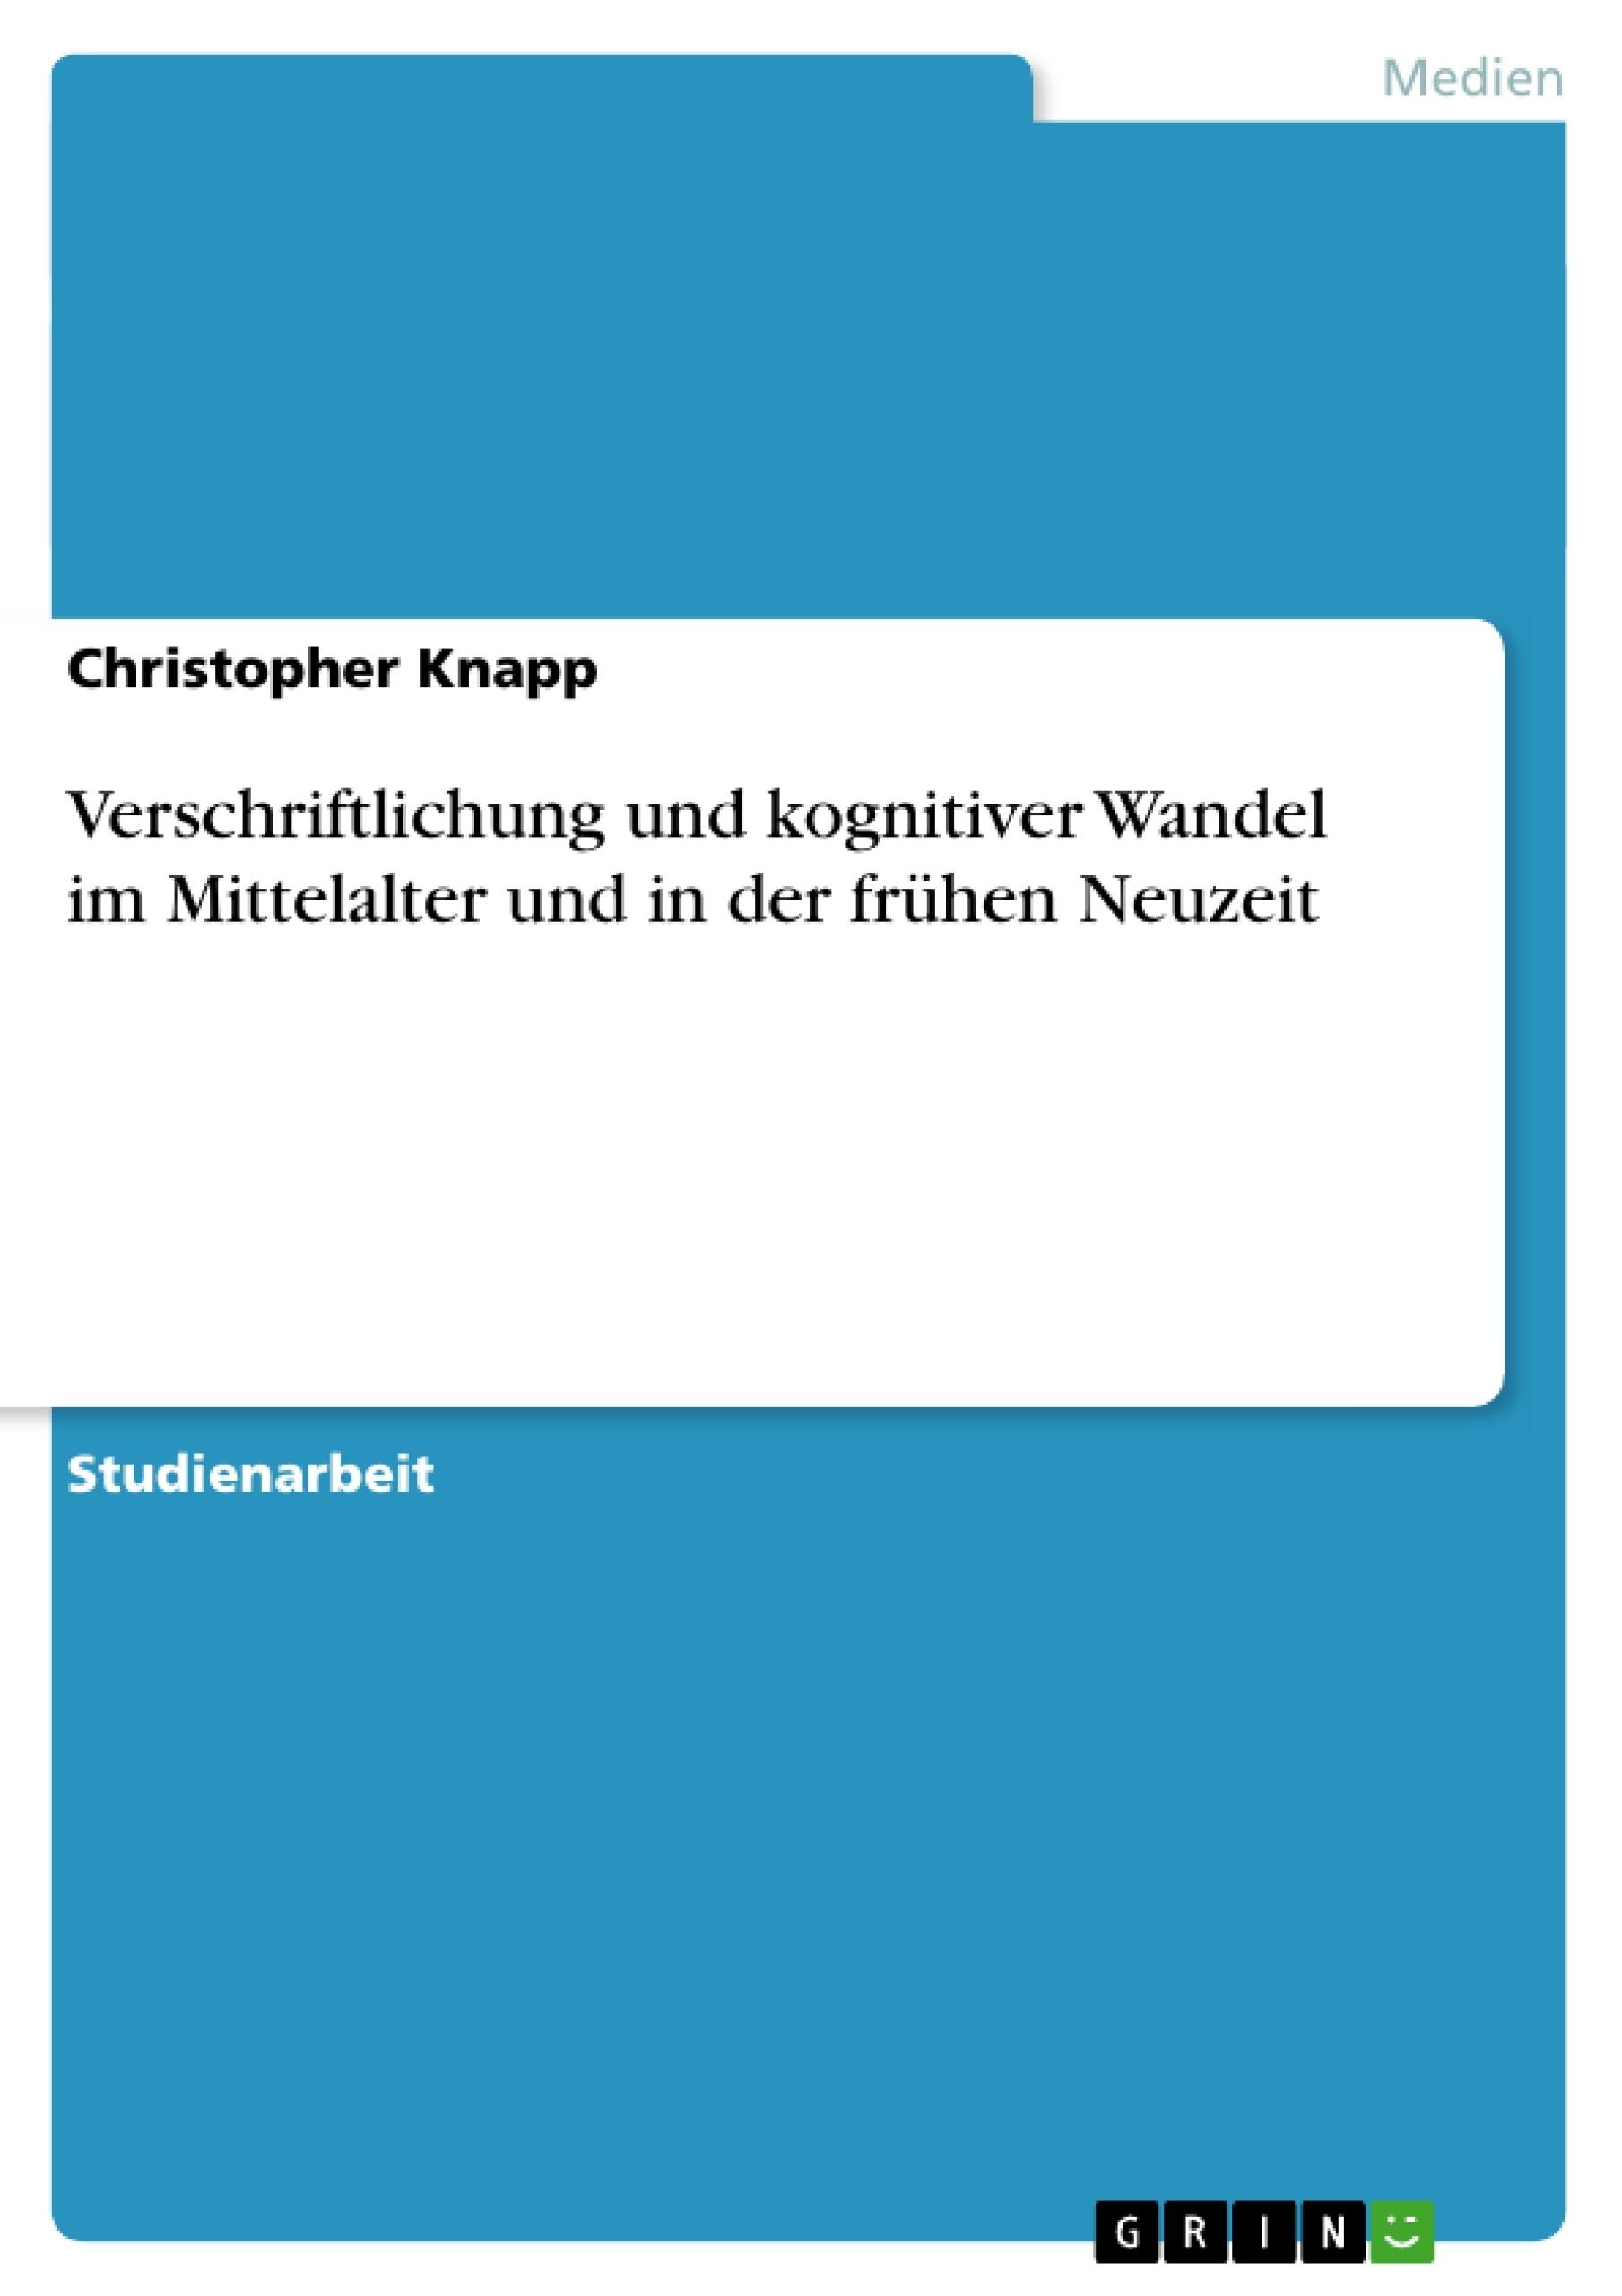 Titel: Verschriftlichung und kognitiver Wandel im Mittelalter und in der frühen Neuzeit